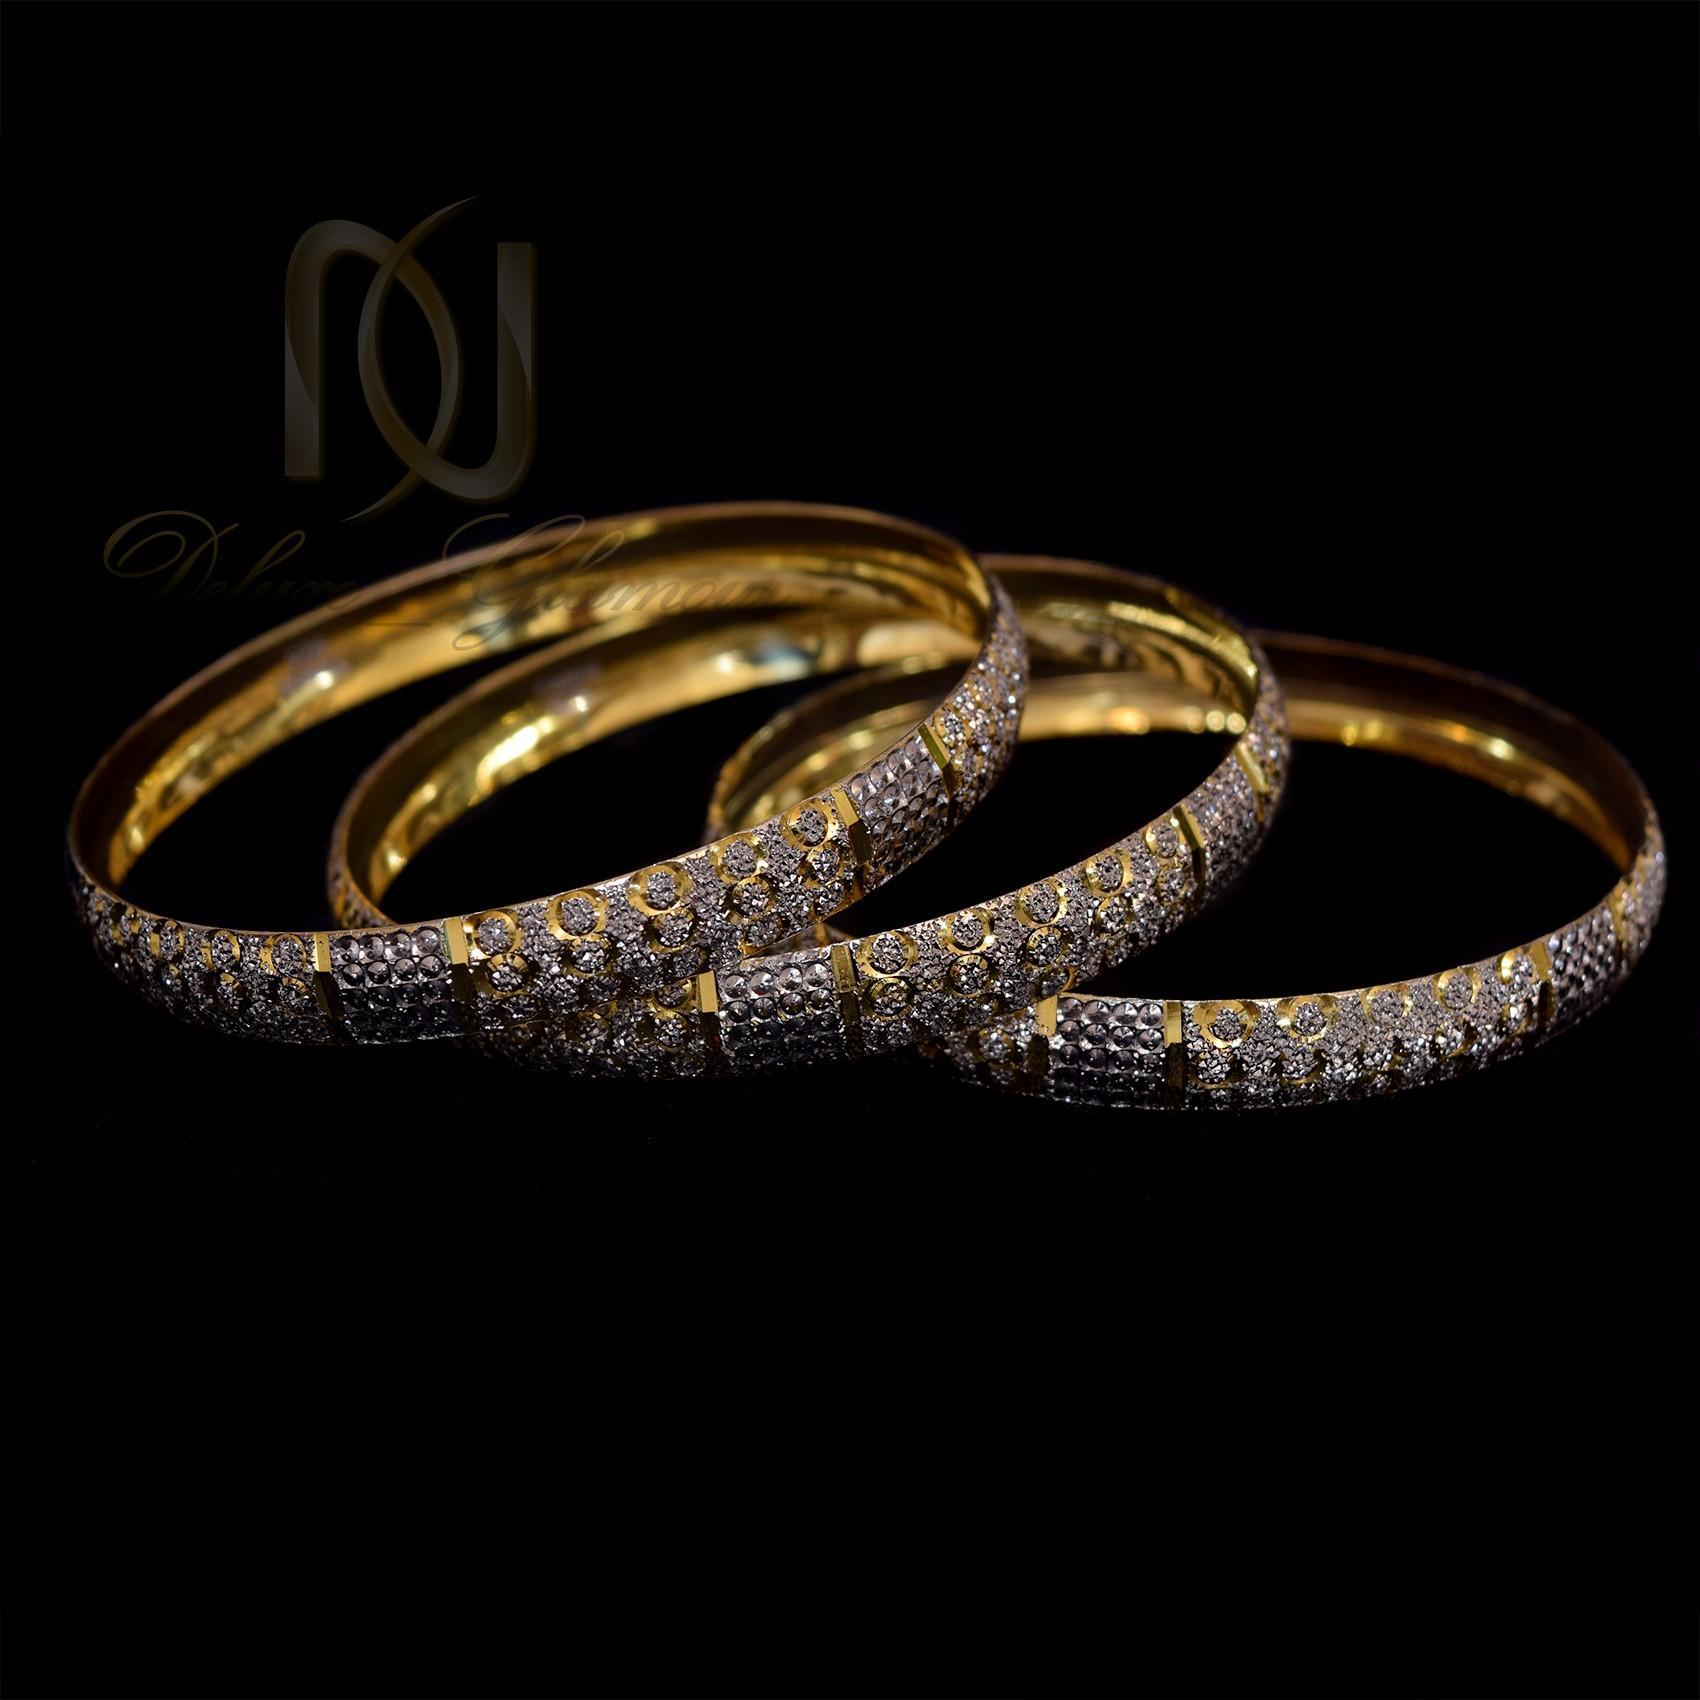 النگو نقره تراش طرح طلا al-n113 از نماي مشكي